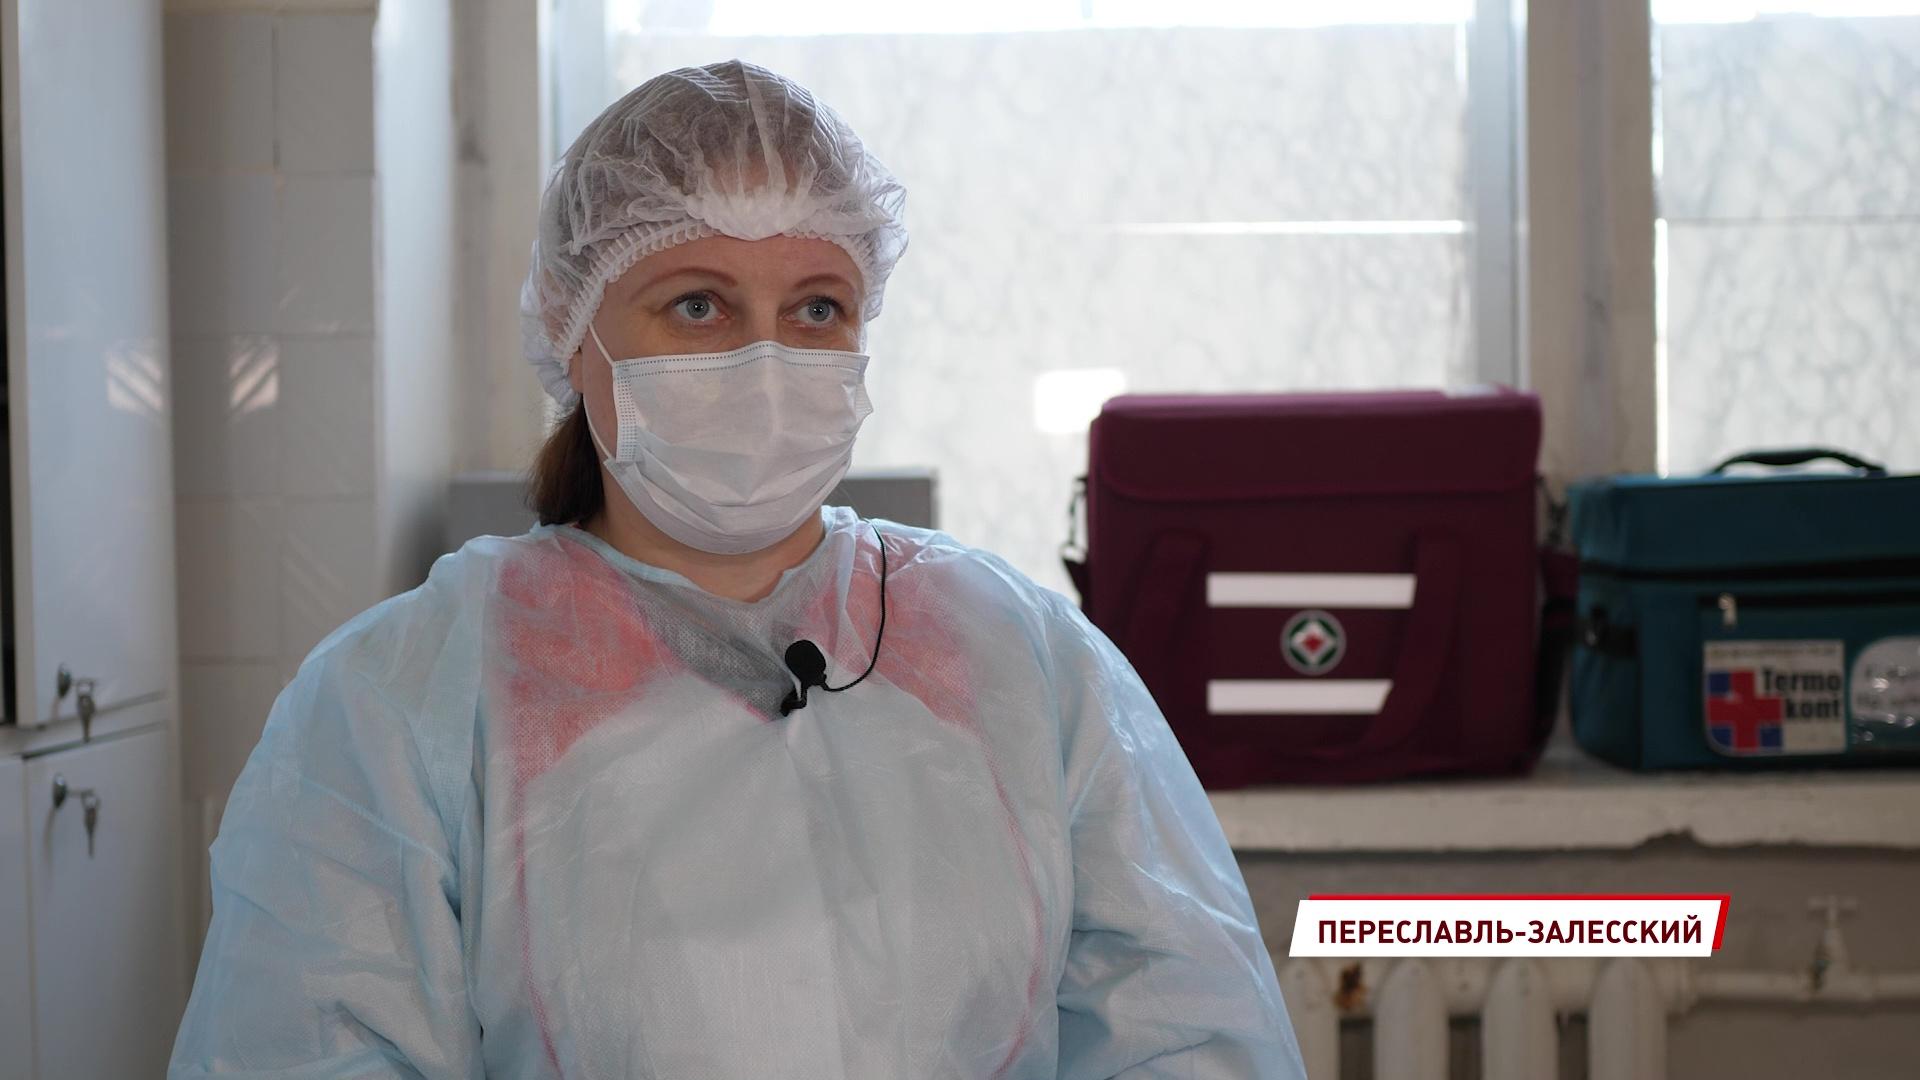 «Родные переживают, а что делать – это работа»: медсестра рассказала о буднях в условиях пандемии